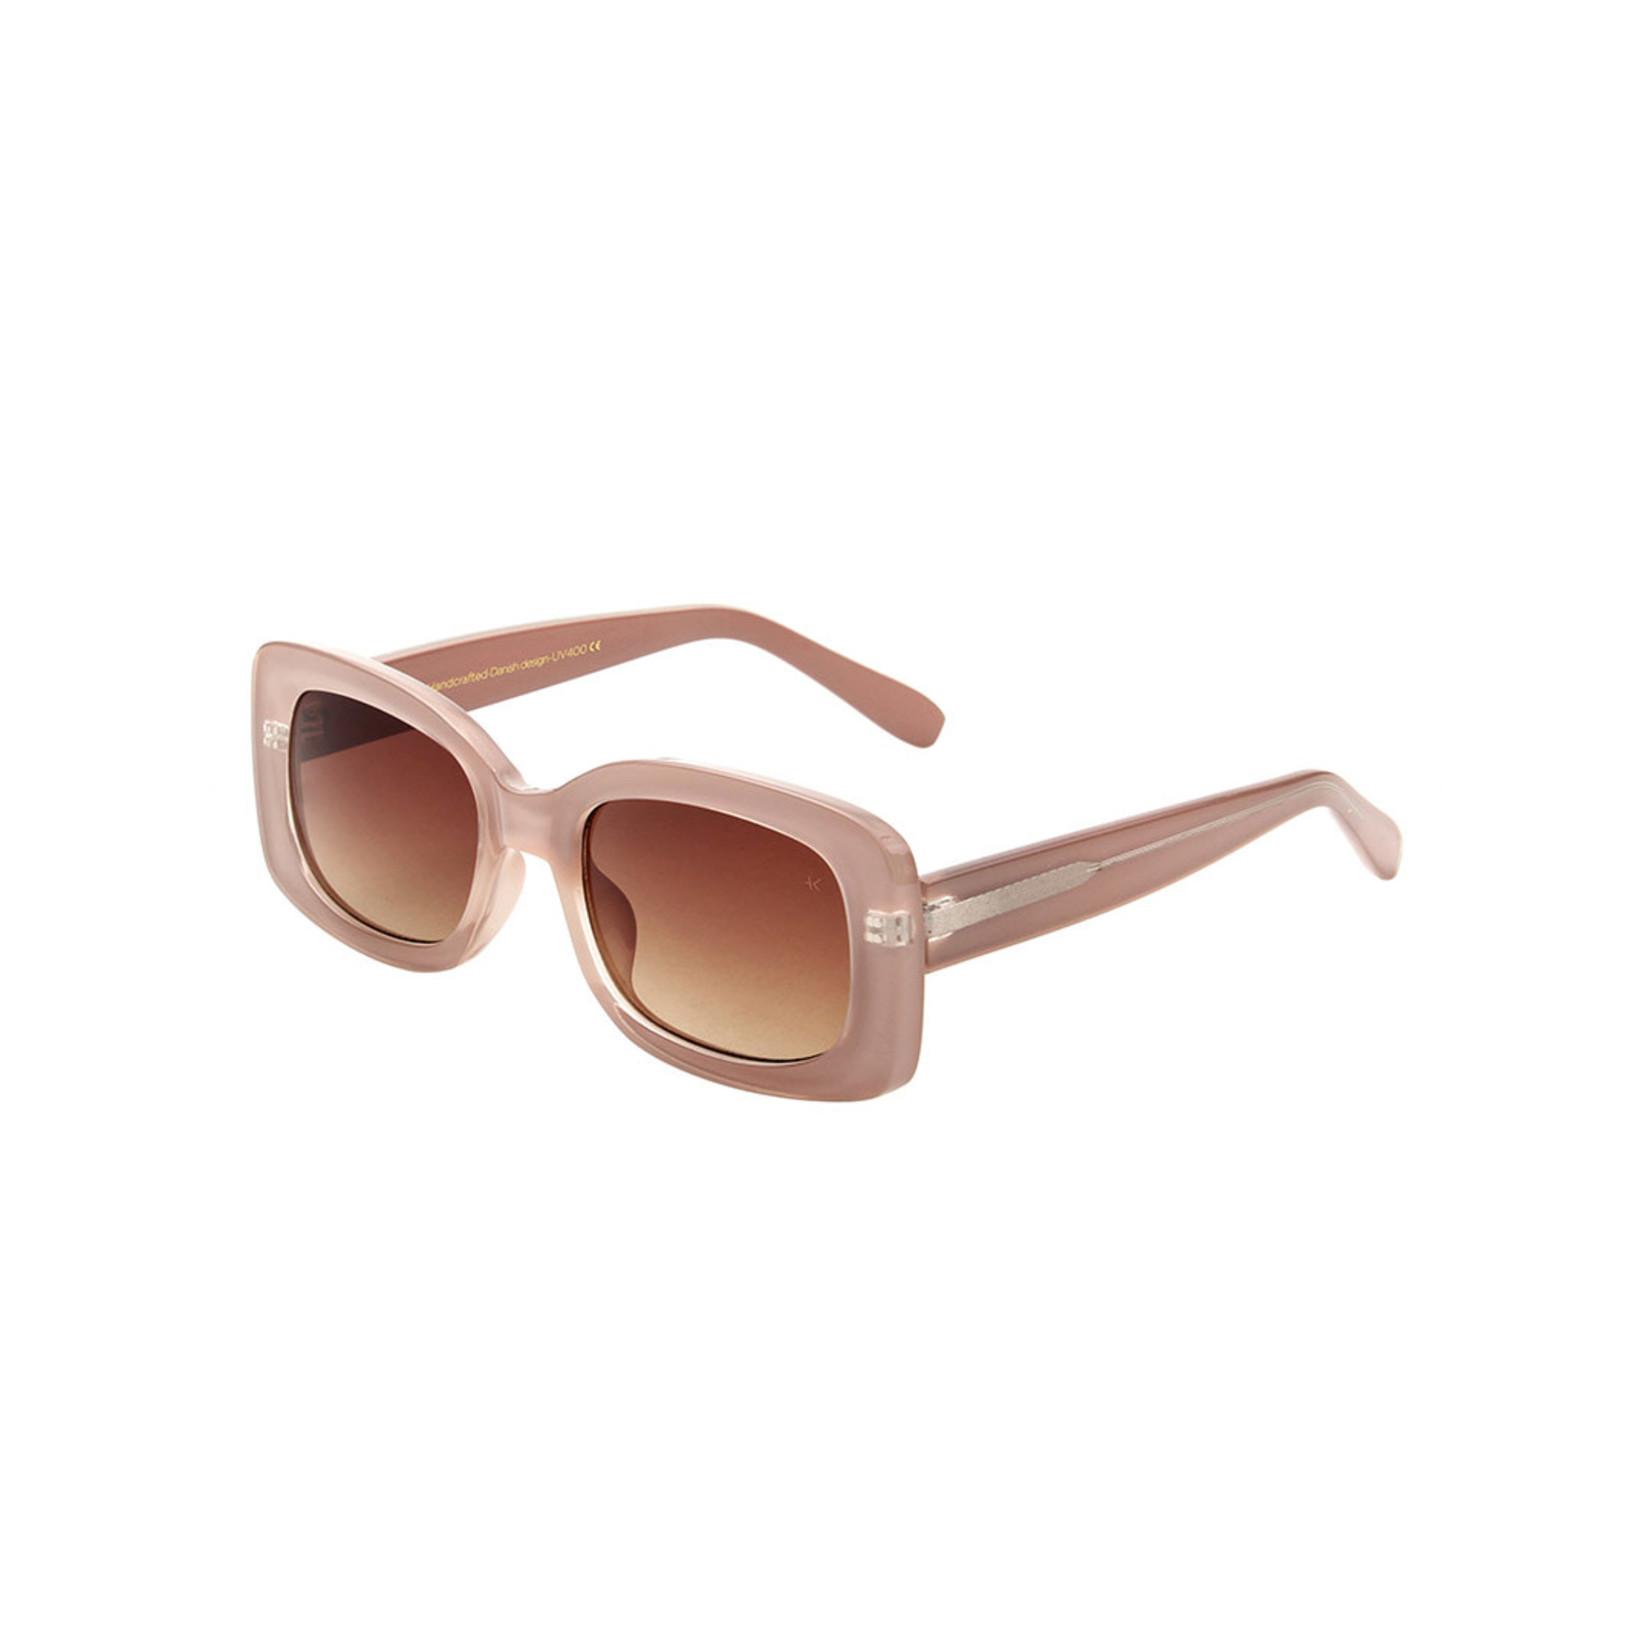 Kjearbede Kjearbede zonnebril Salo Light Grey  /KL2115-006